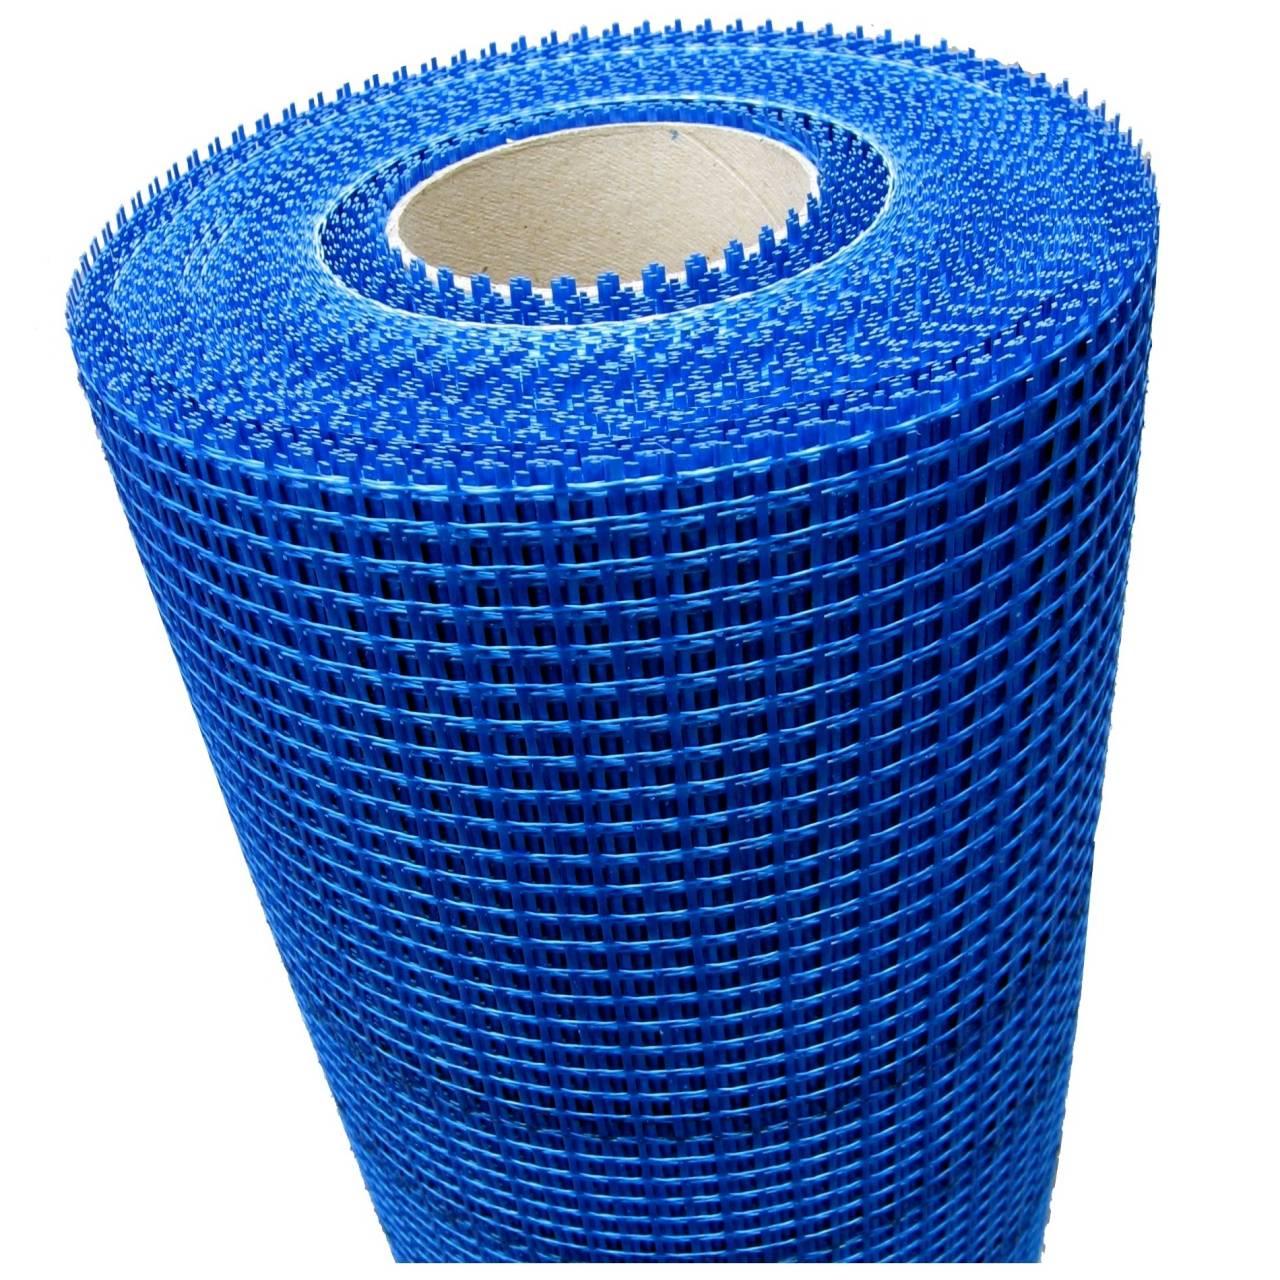 Aussenputzgewebe 13 x 13 blau / Rolle 2 x 0,50 x 100 m / Pal a 12 Rollen